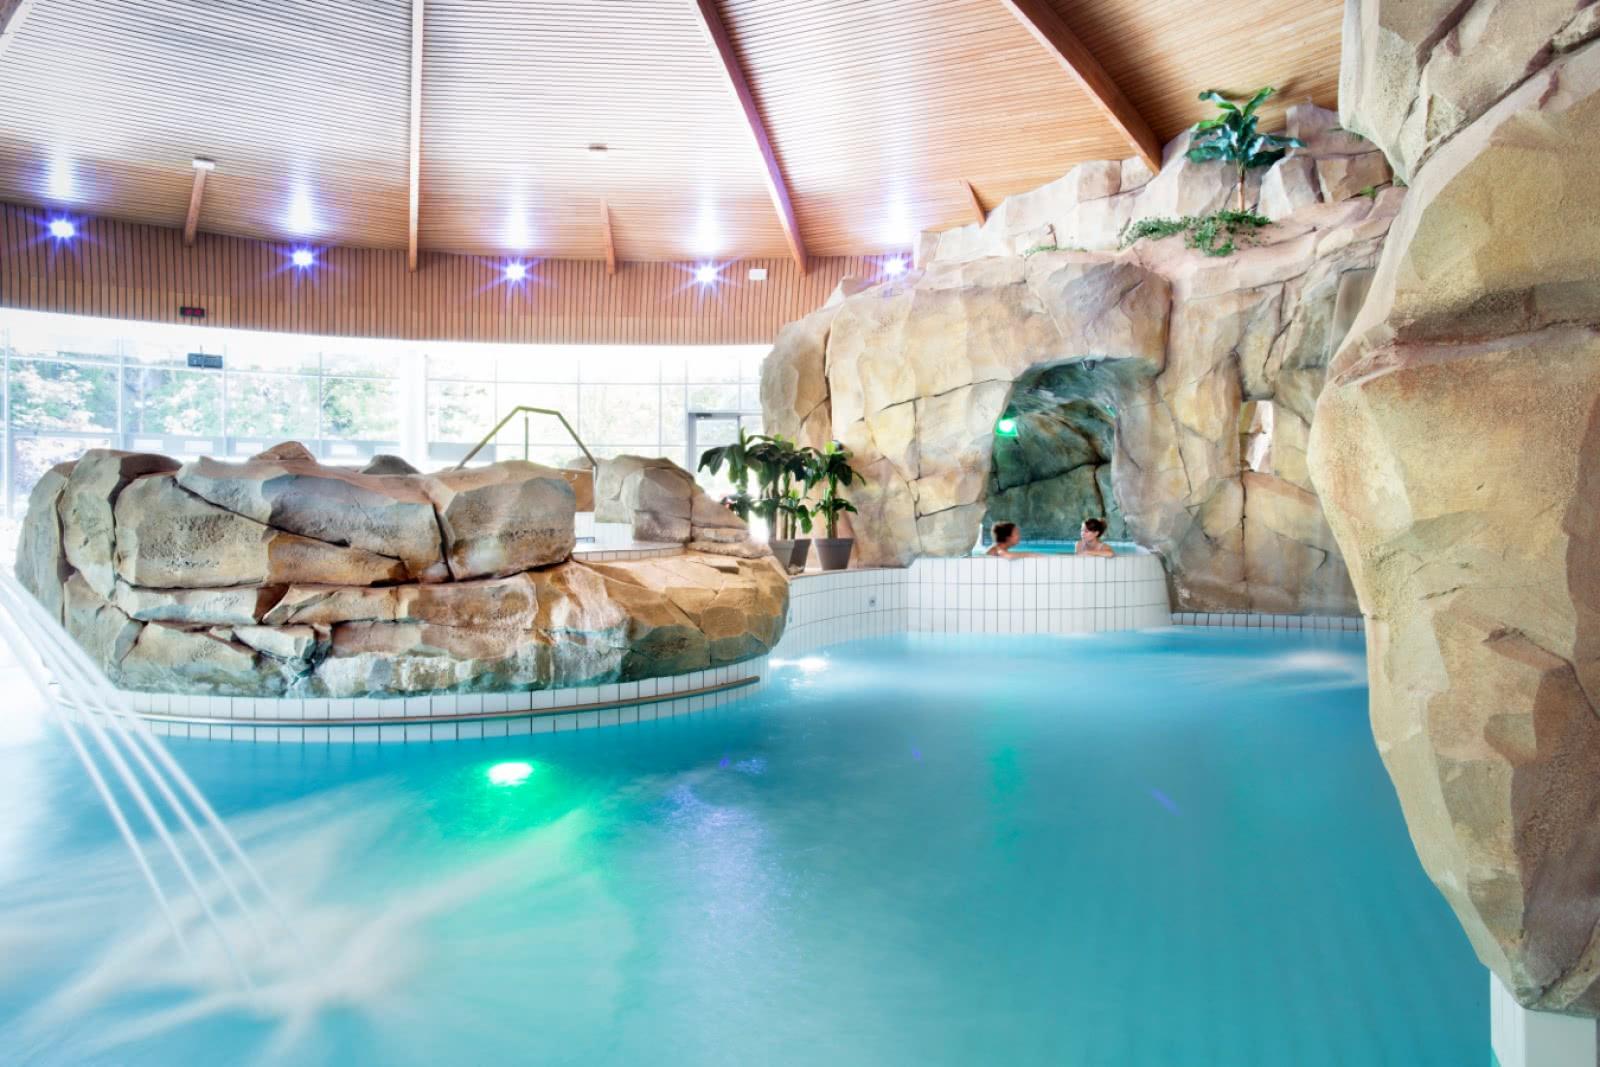 royatonic bains clermont auvergne tourisme. Black Bedroom Furniture Sets. Home Design Ideas